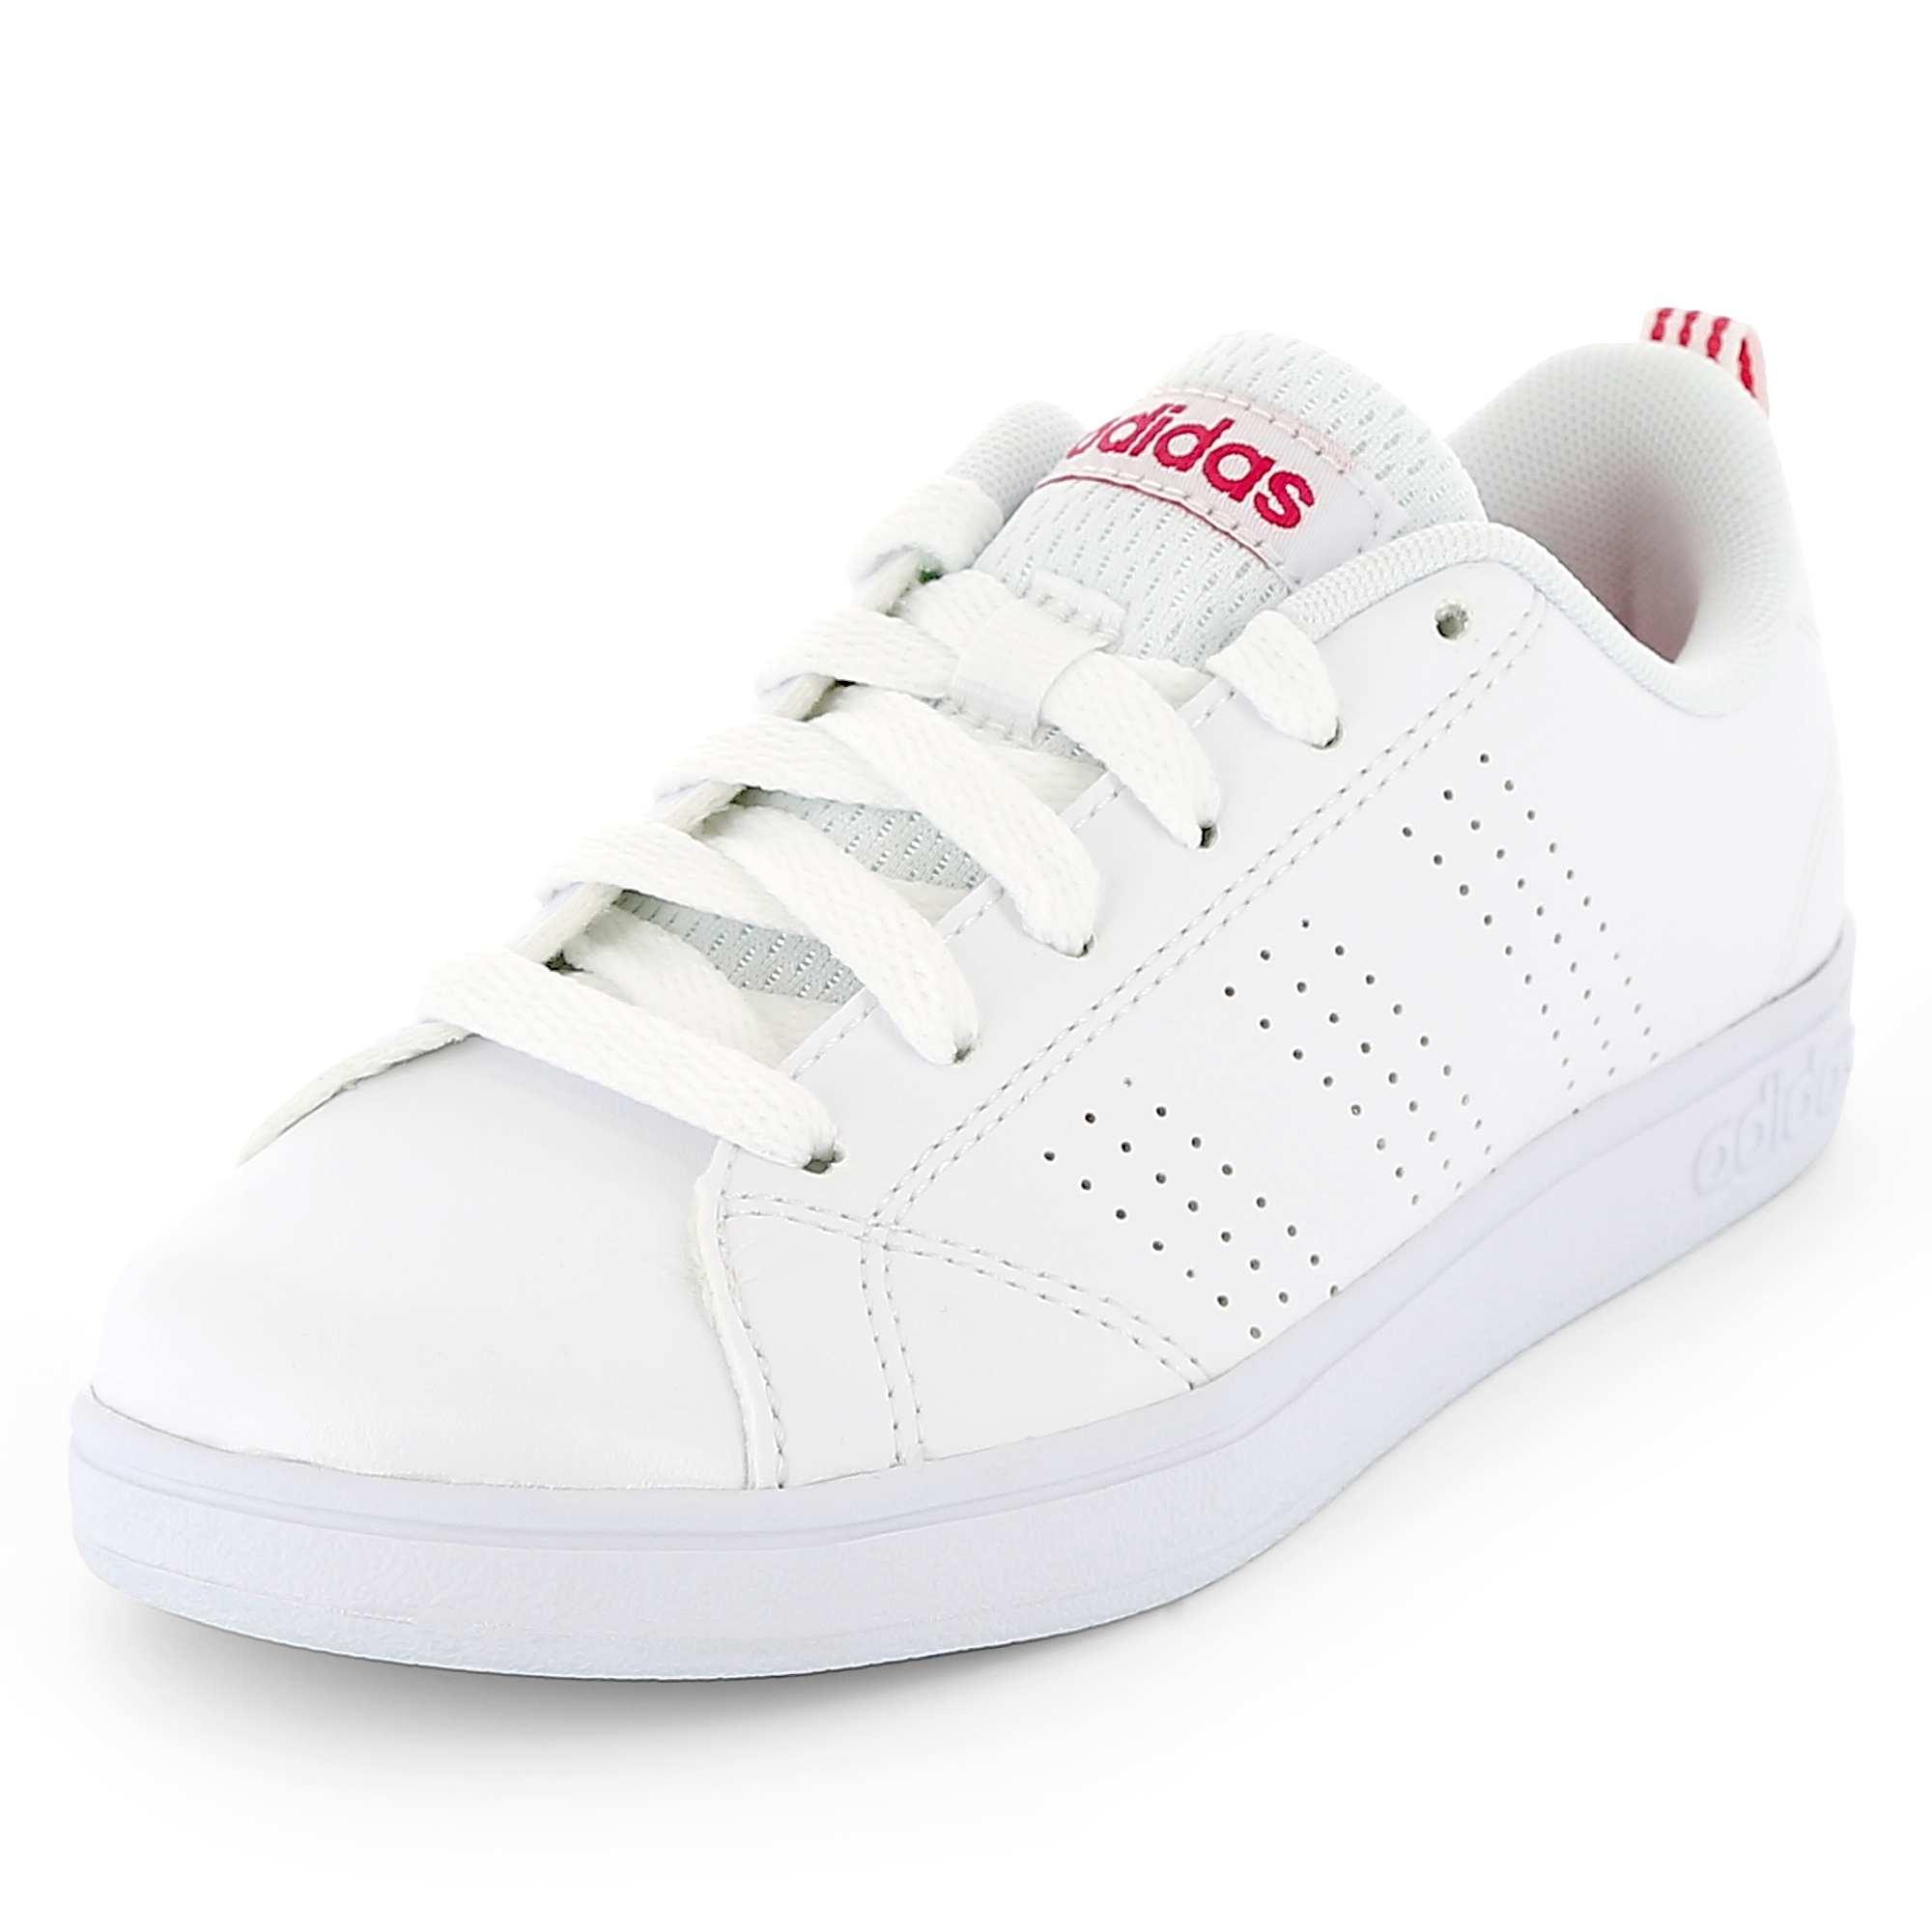 scarpe adidas ragazza